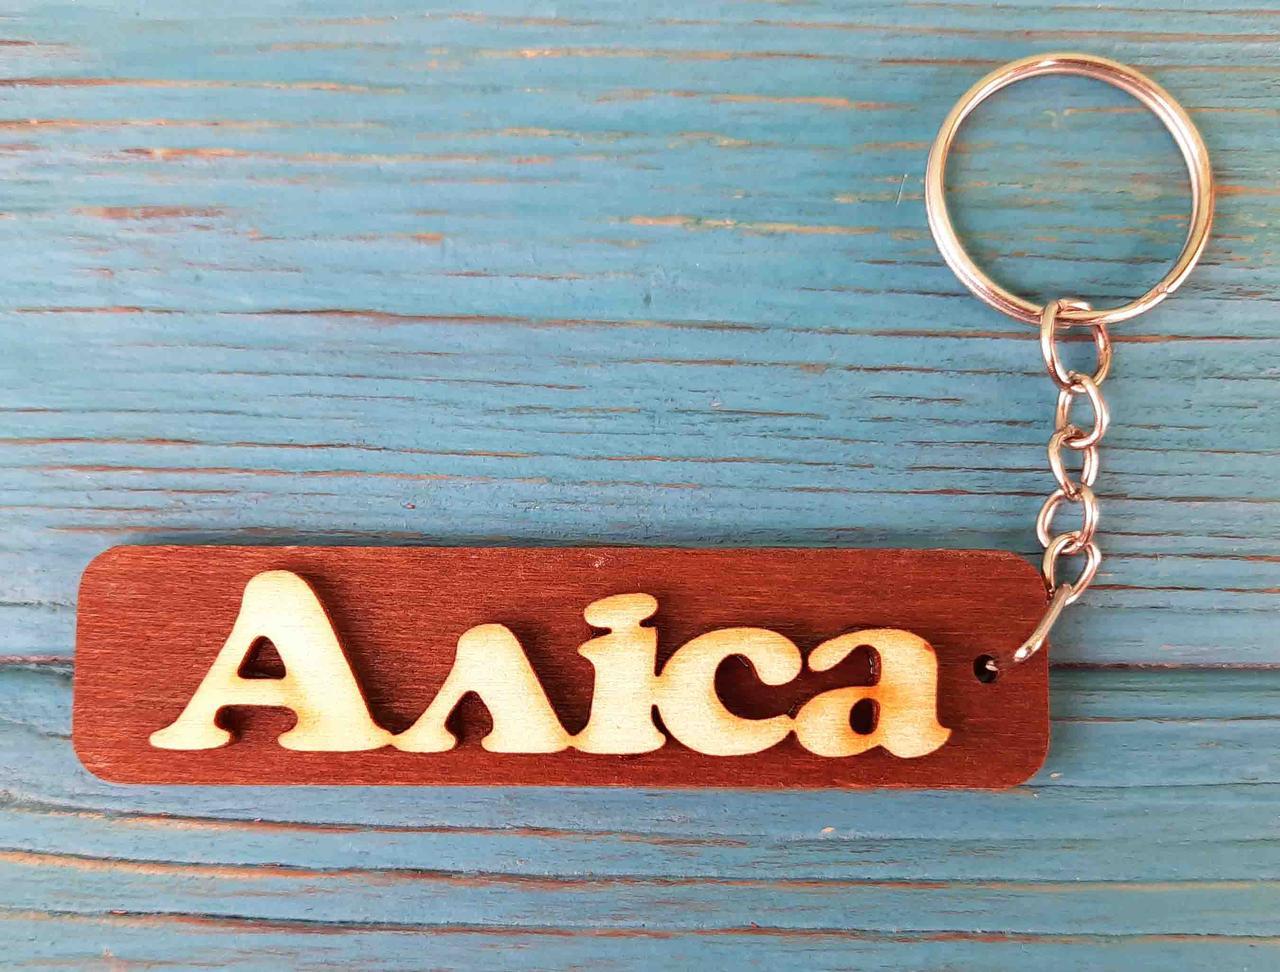 Брелок именной Аліса. Брелок с именем Аліса. Брелок деревянный. Брелок для ключей. Брелоки с именами